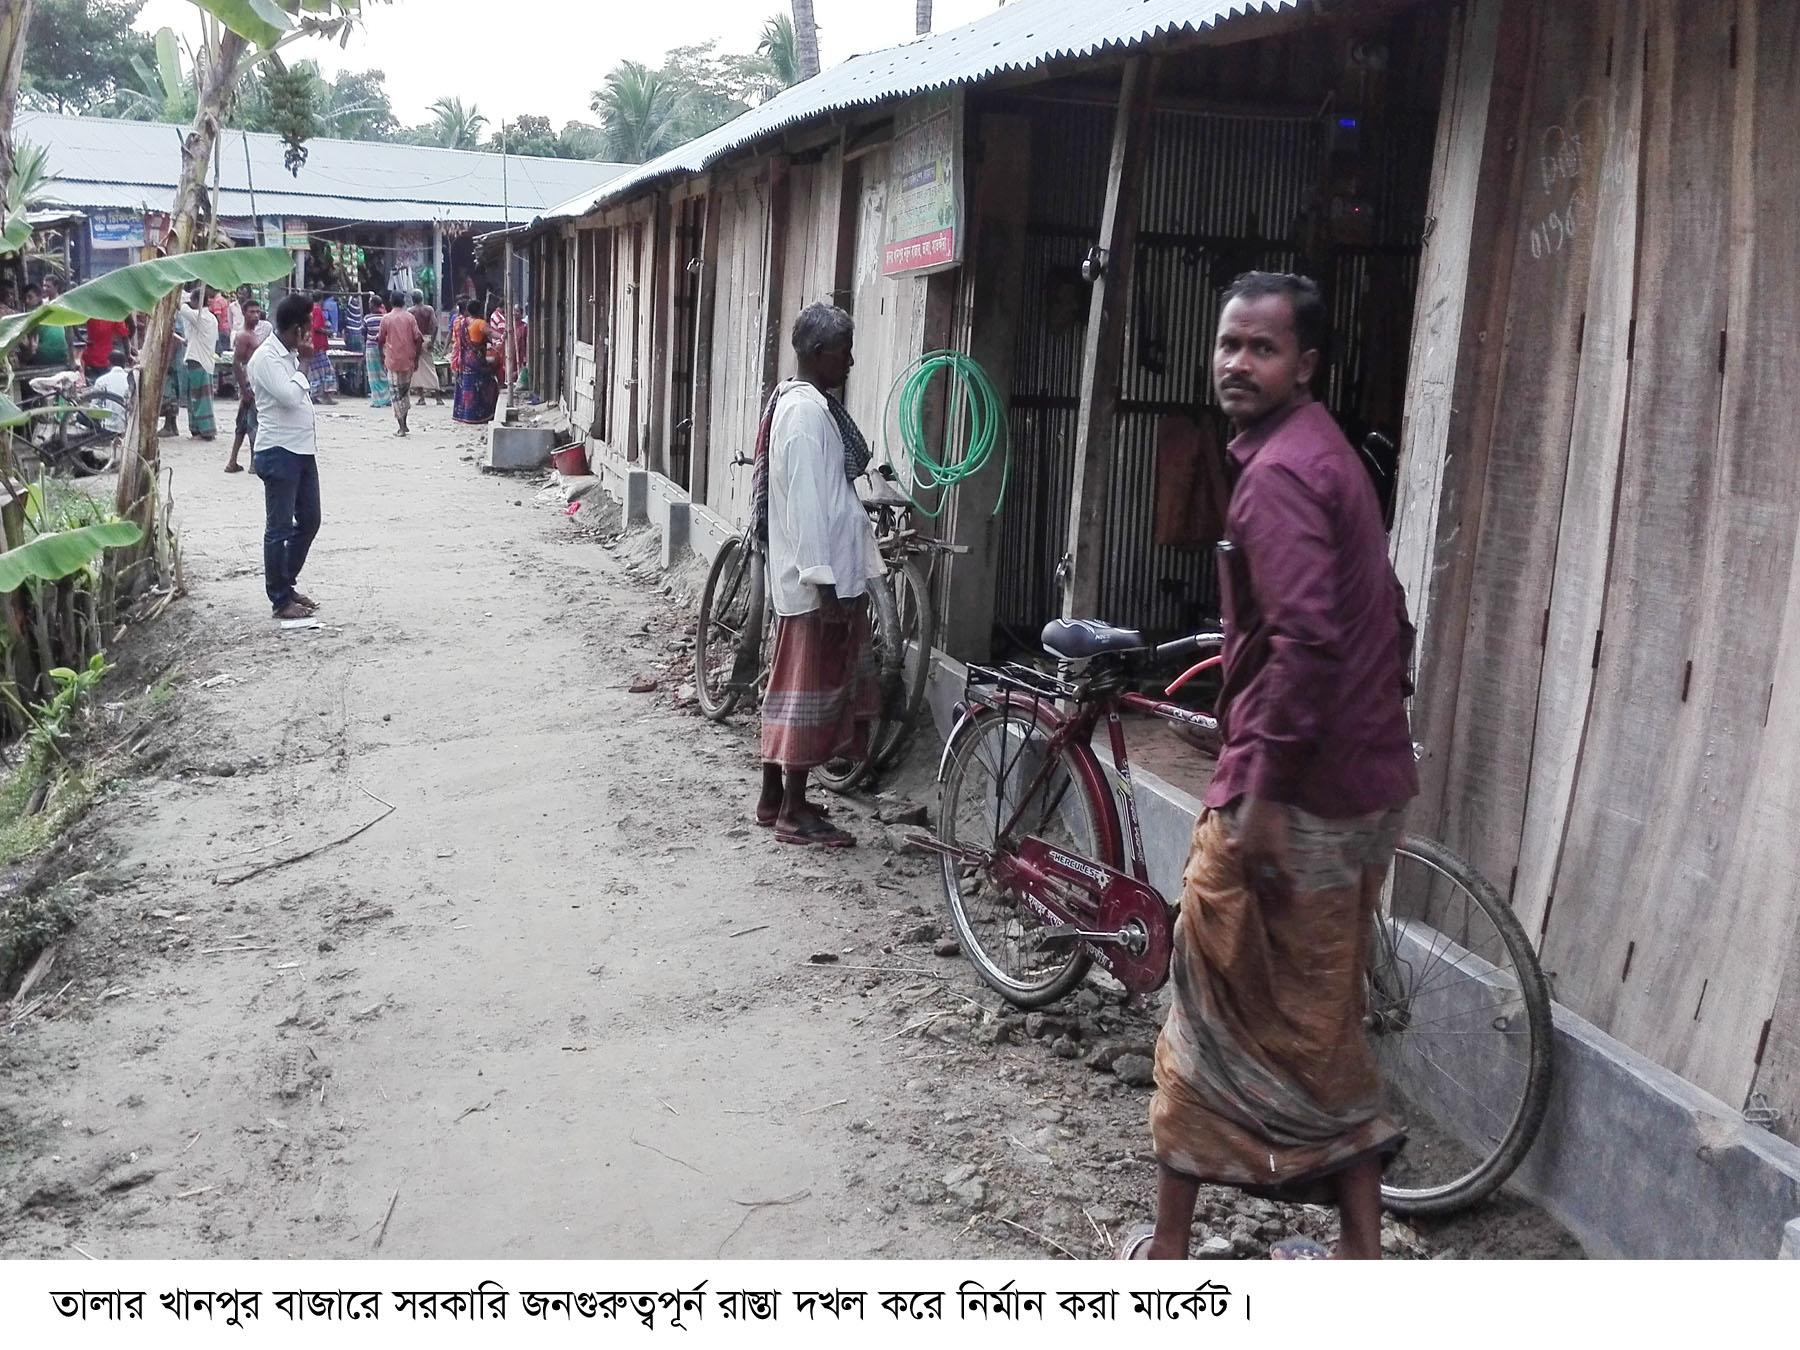 তালায় সরকারি রাস্তার উপর মার্কেট নির্মাণের অভিযোগ